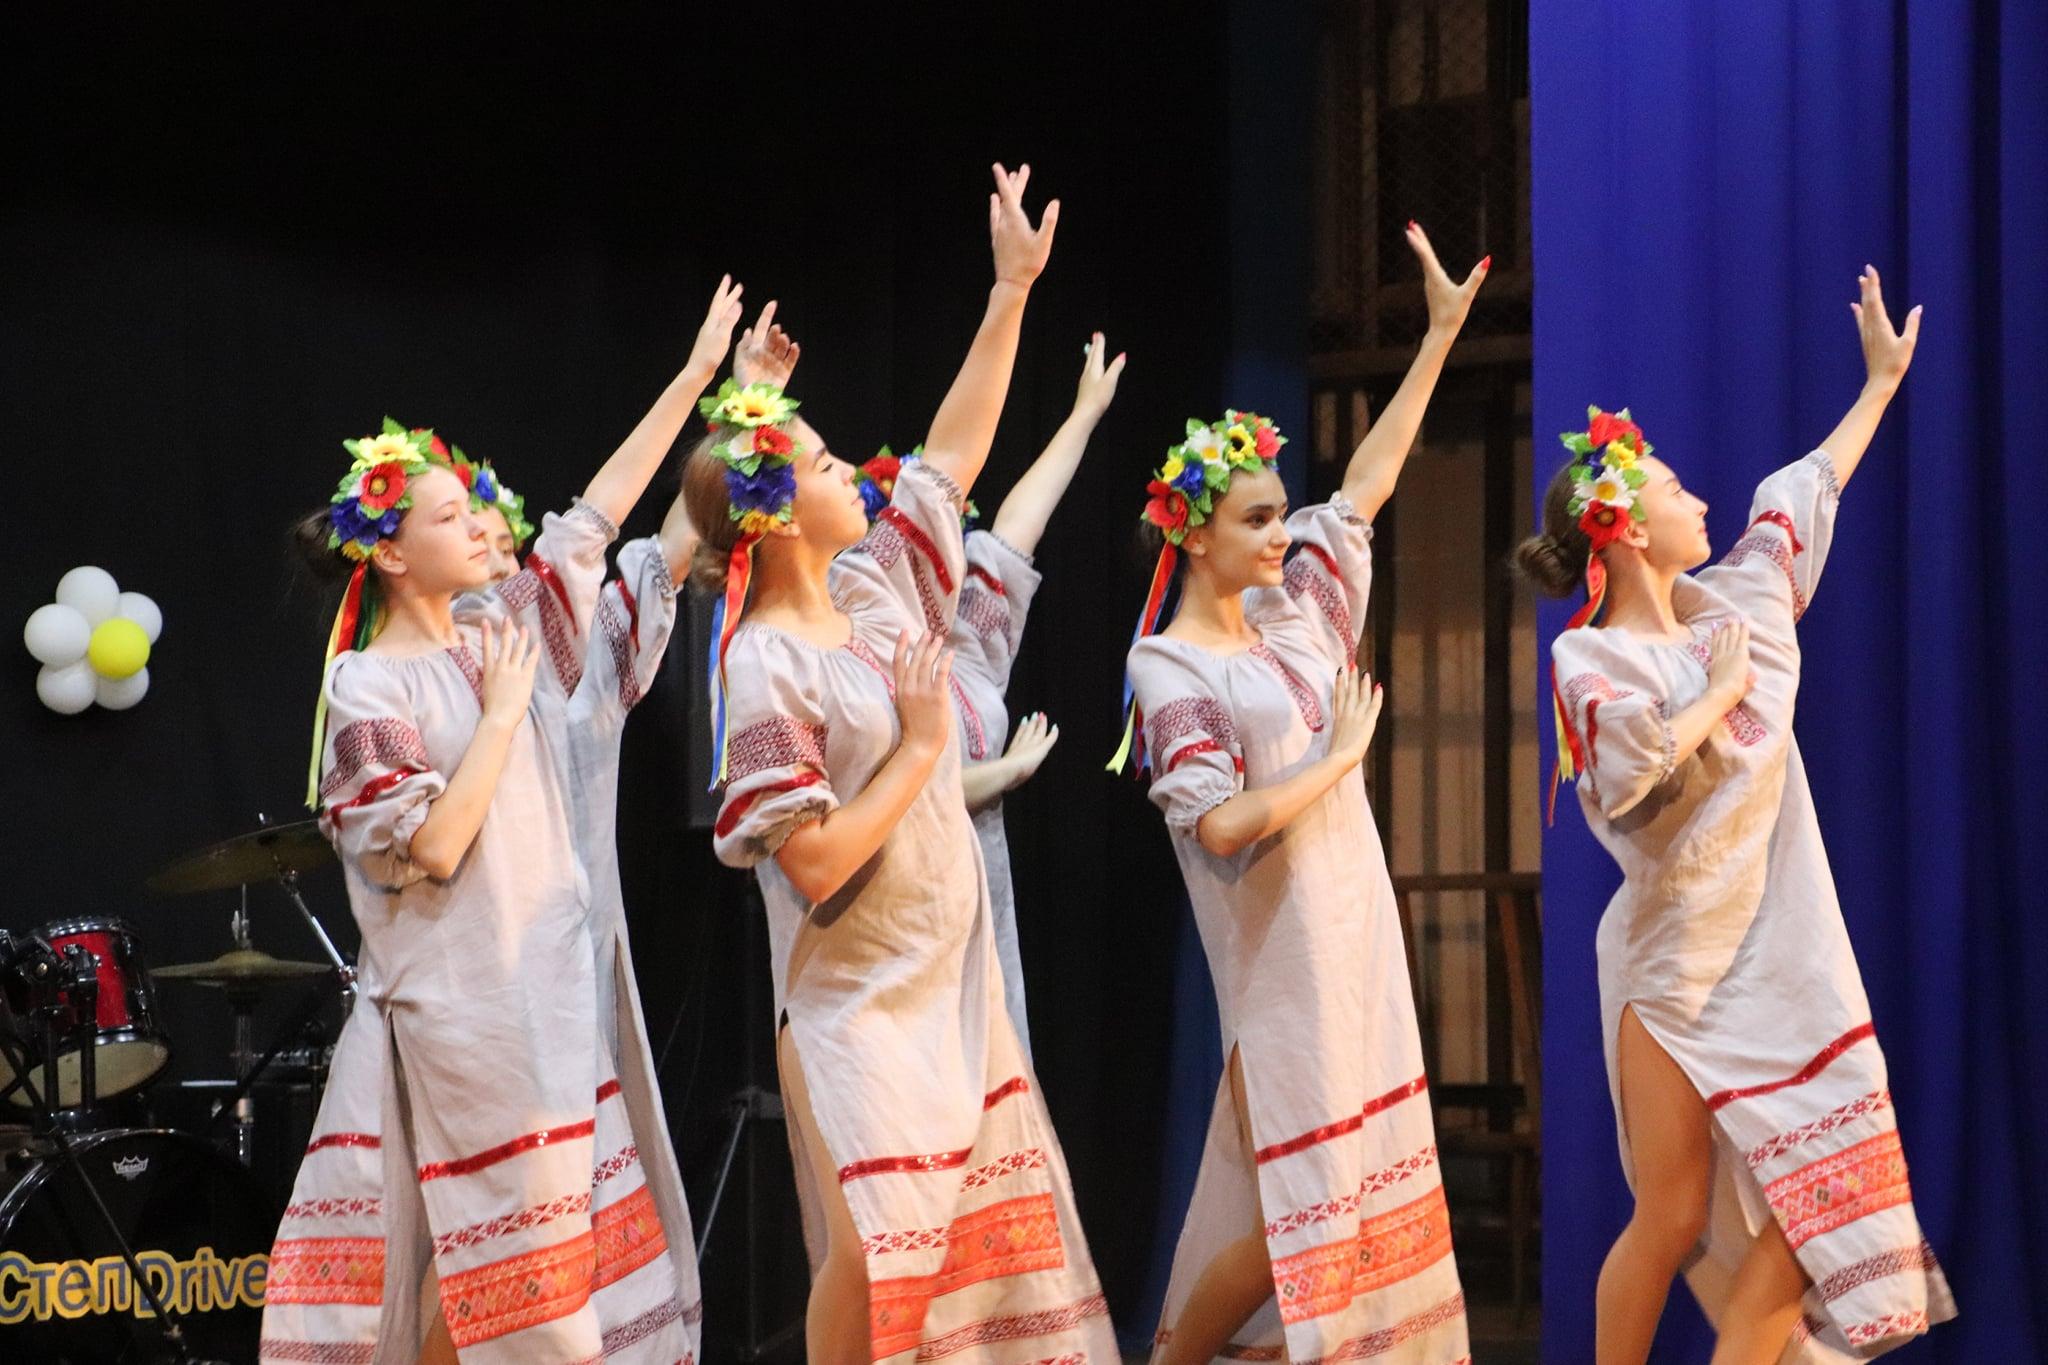 Працівники культури Попельнастівської ТГ підготували і провели 26 та 27 червня 2021 святкові концерти у Червоній Кам'янці та Улянівці